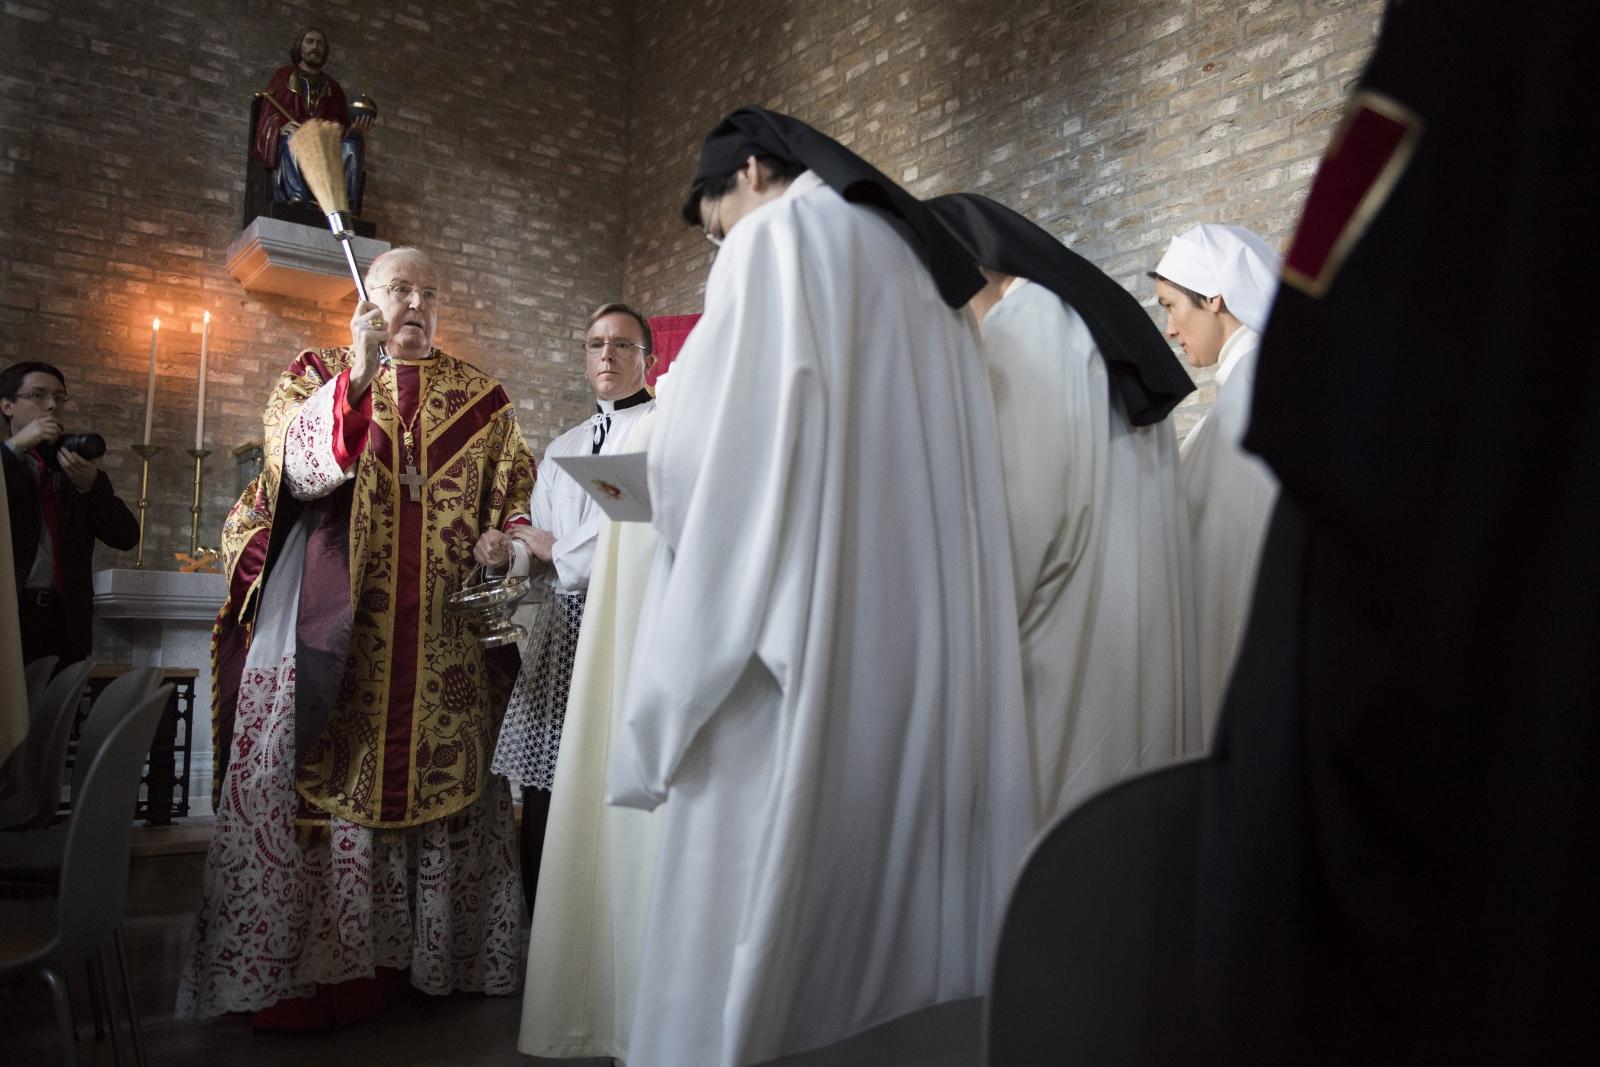 Kardynał Cormac Murphy-O'Connor konsekruje nową katedrę św. Olafa w Trondheim, Norwegia.